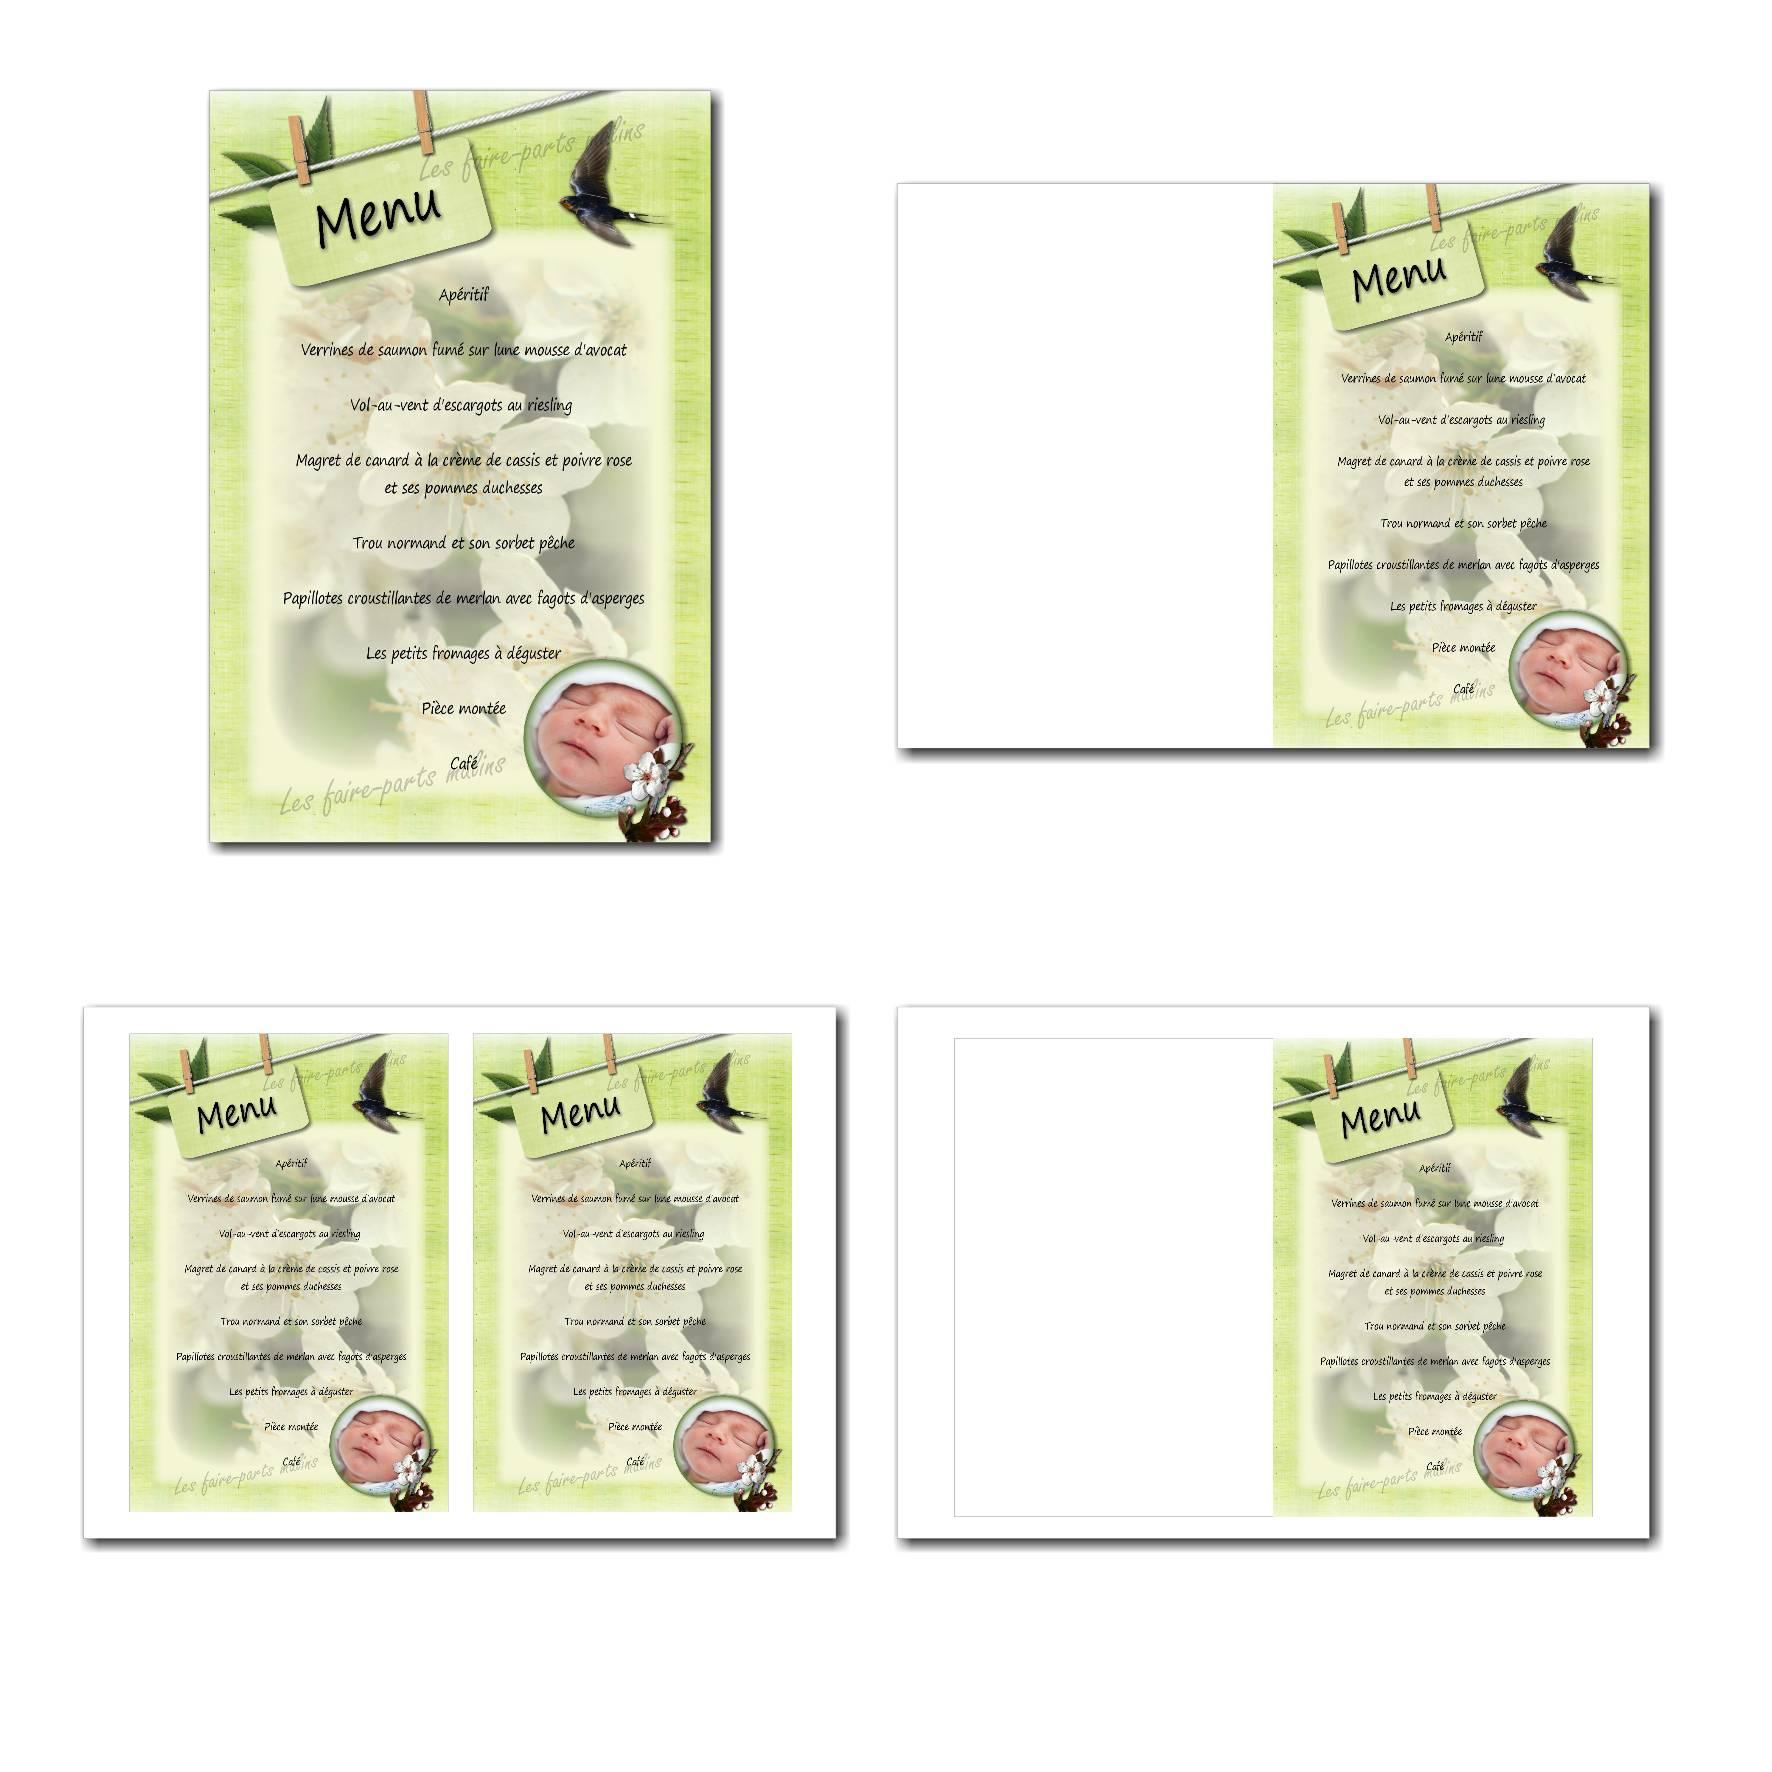 Carte de menu illimité avec fleurs de printemps sur fond vert clair